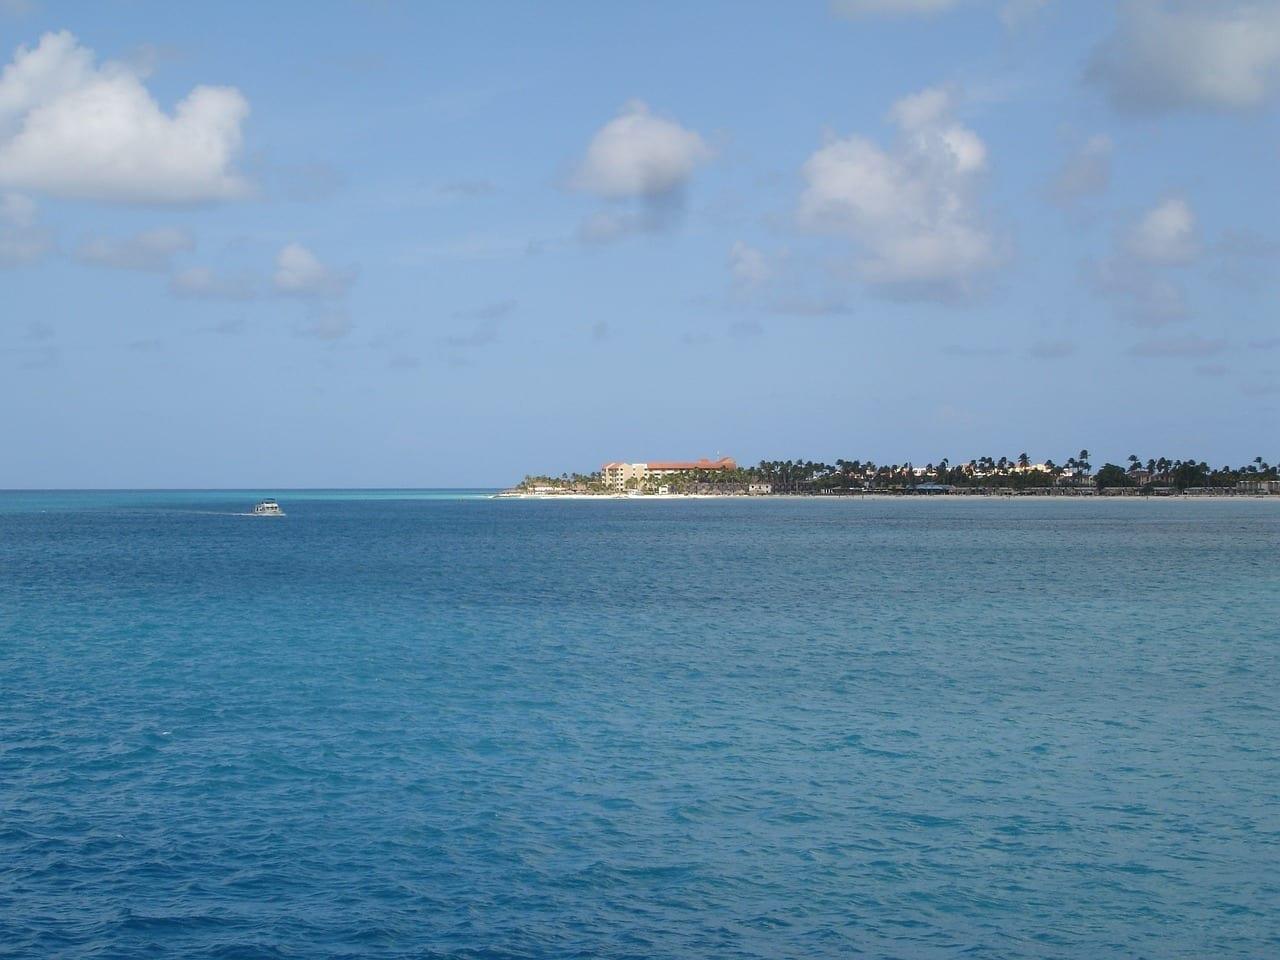 Aruba Island La Isla De Aruba Aruba